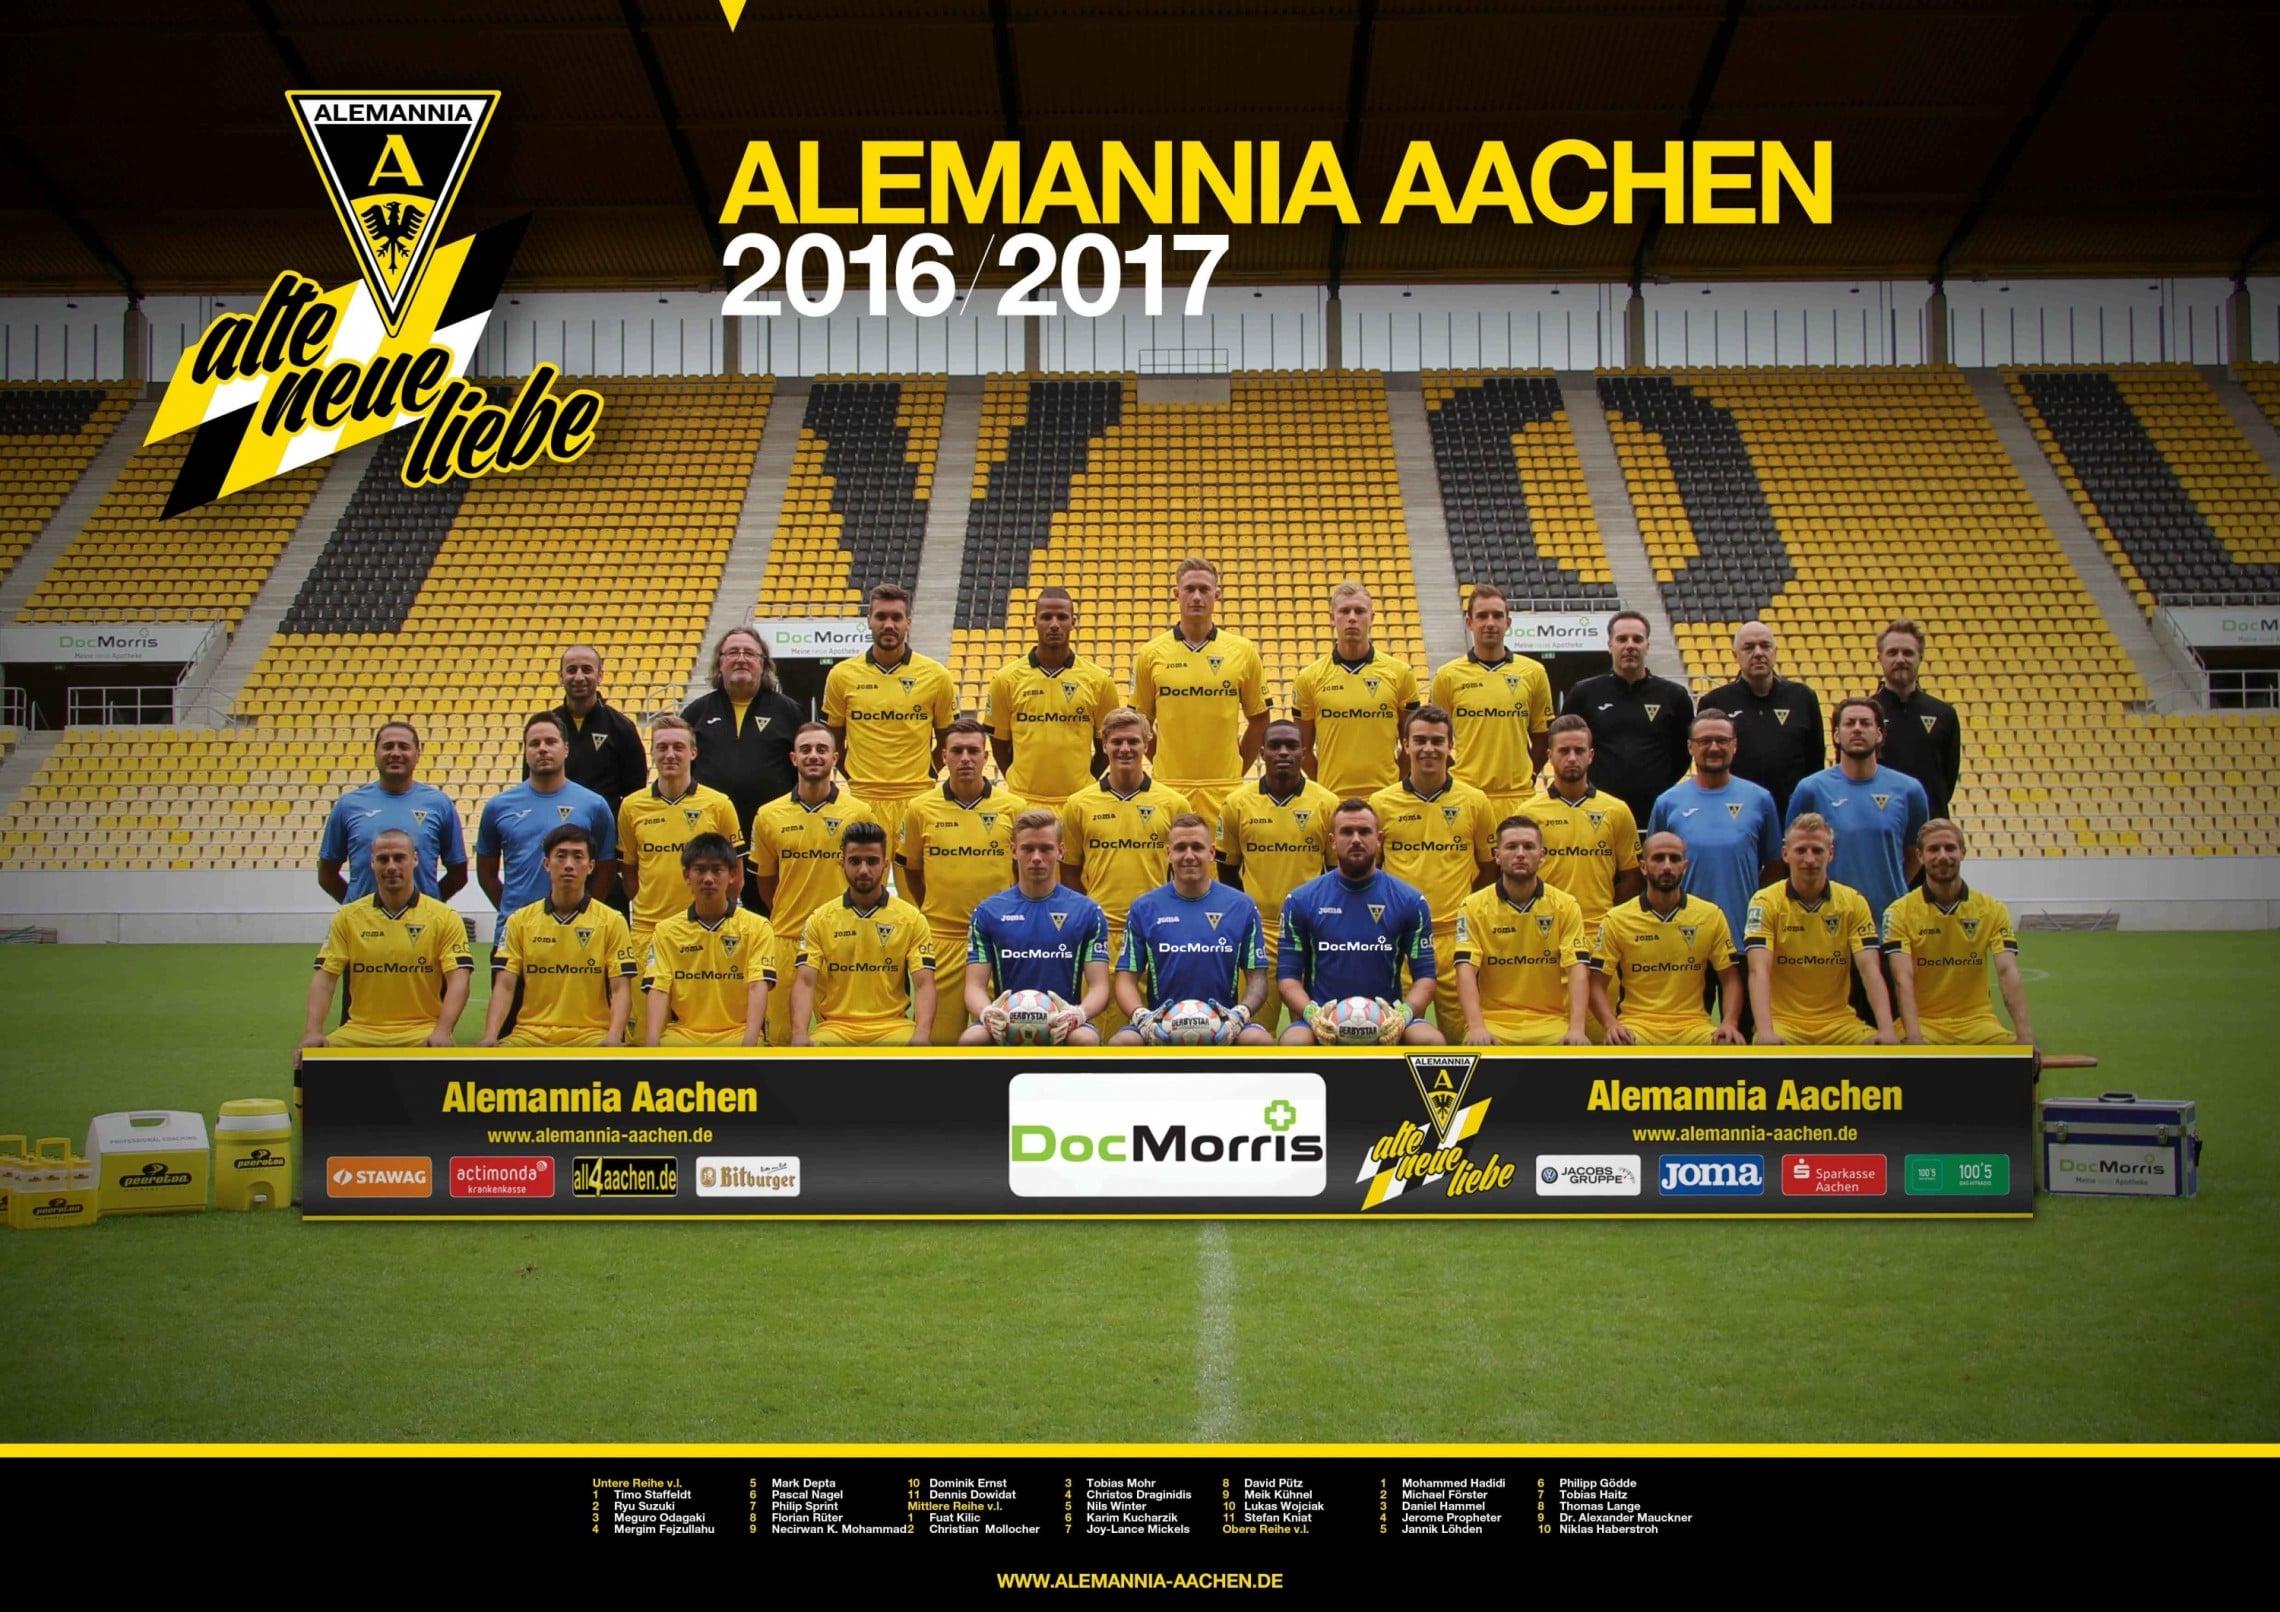 Alemannia Aachen 2016/2017